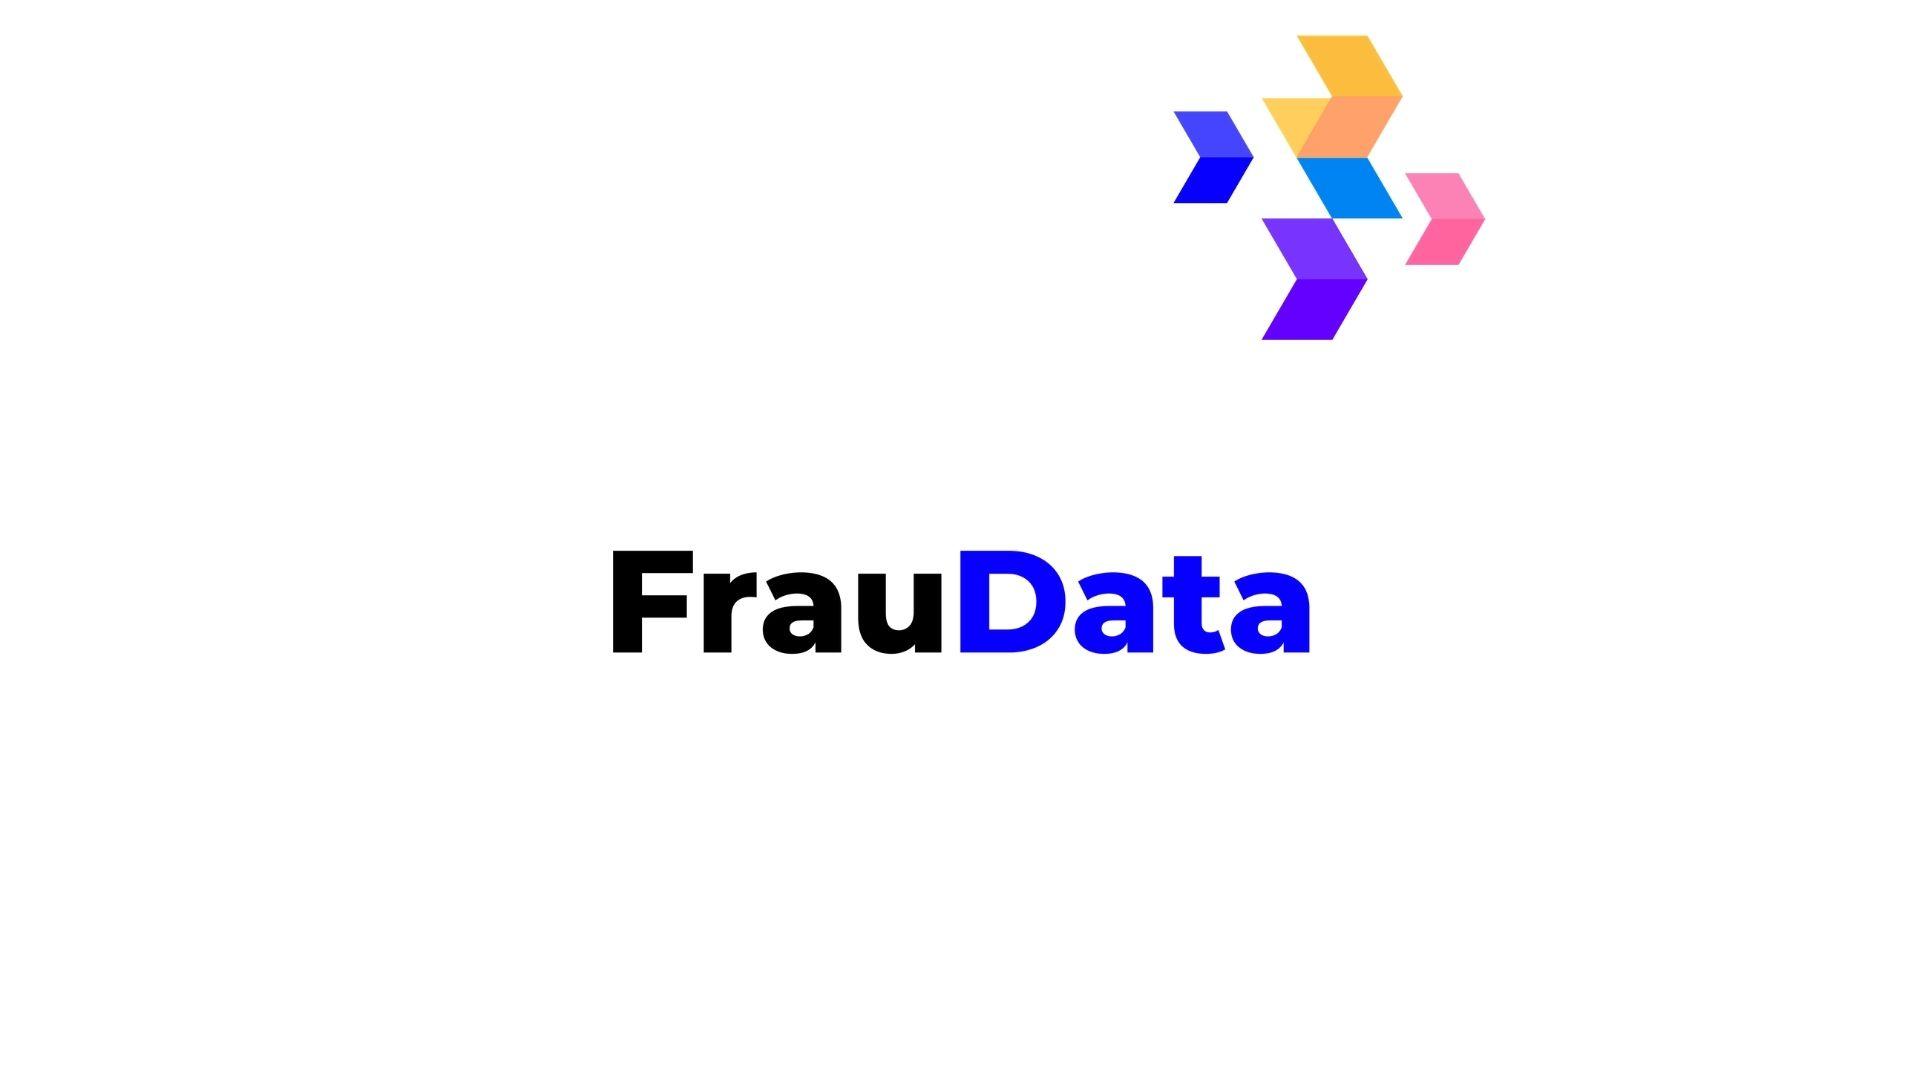 Fraudata de Truora: la red más grande de fraude en América Latina